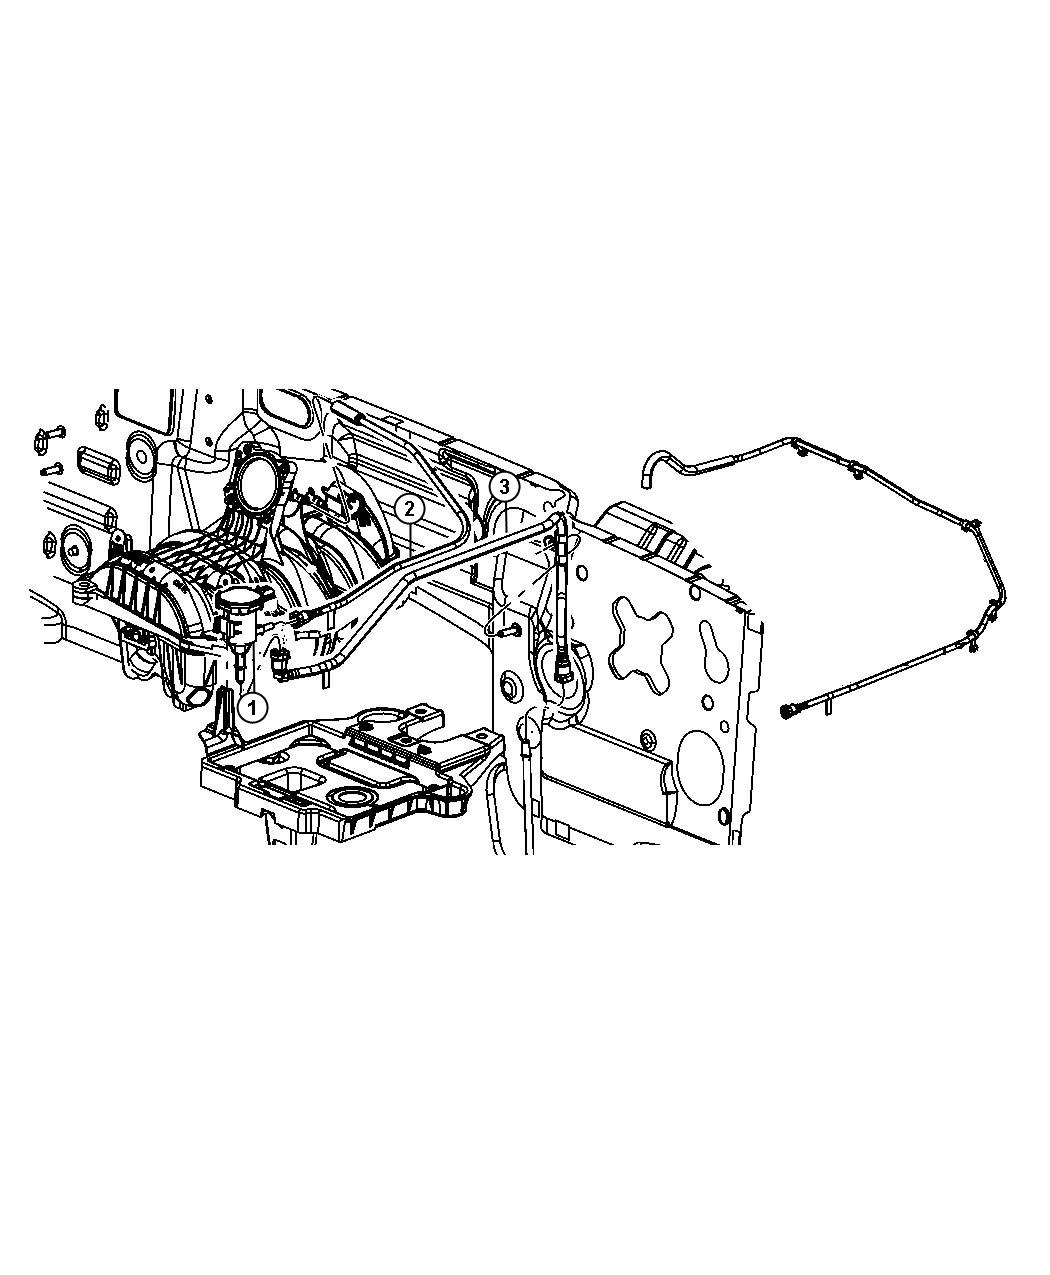 Jeep Liberty Emission Control Vacuum Harness